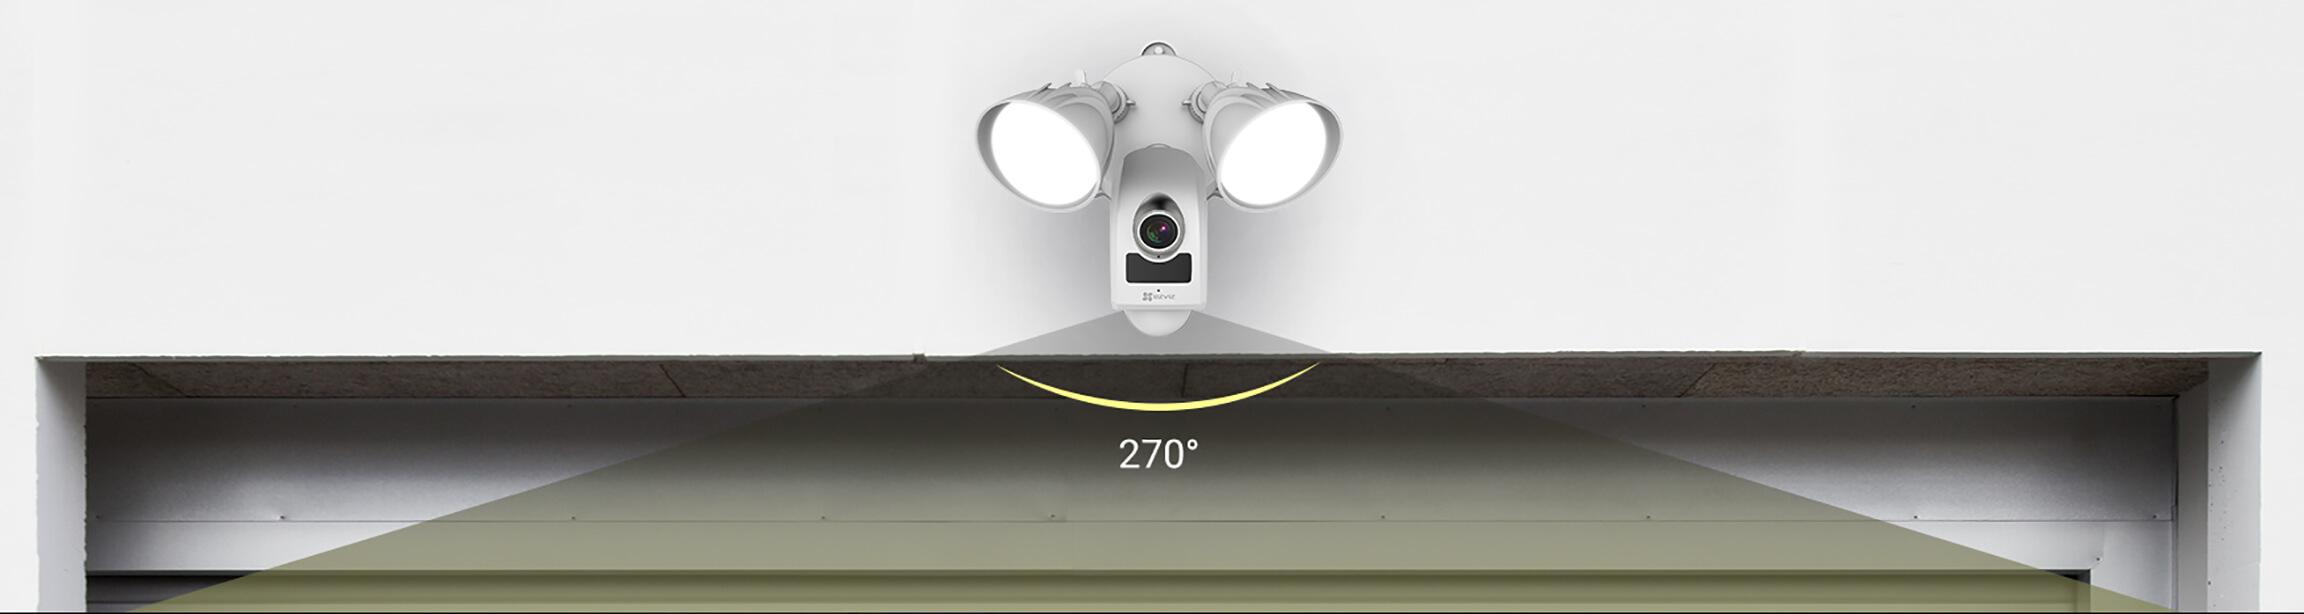 Dịch vụ Bán và lắp đặt Camera EZVIZ LC1 CS-LC1-A0-1B2WPFRL giá rẻ